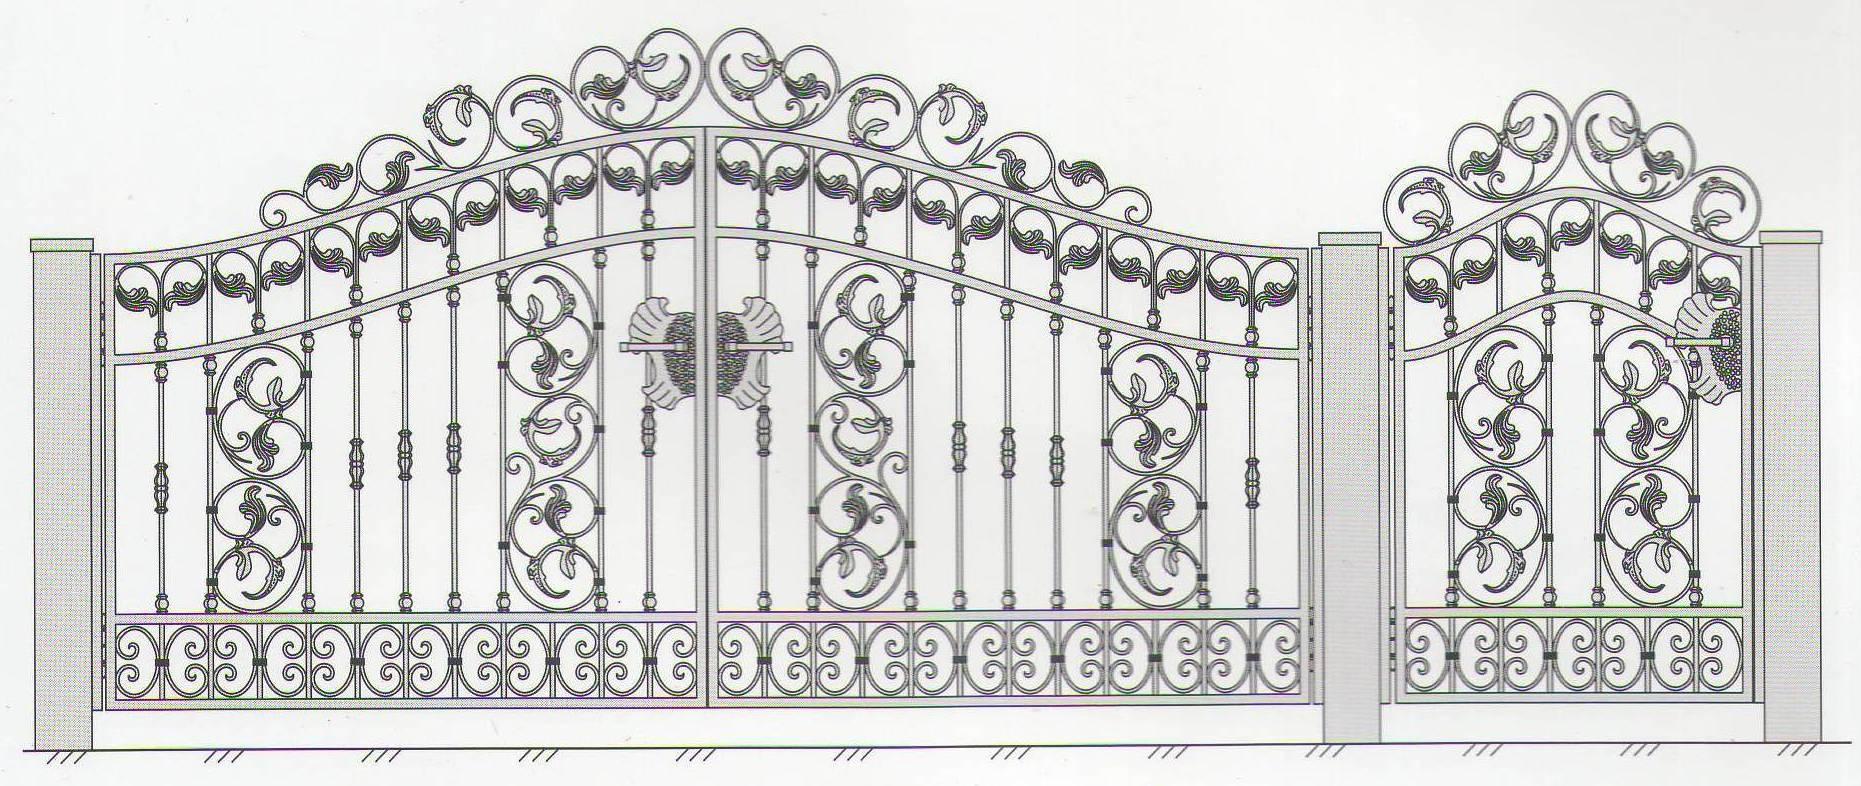 Ворота с элементами ковки своими руками чертежи схемы эскизы конструкция